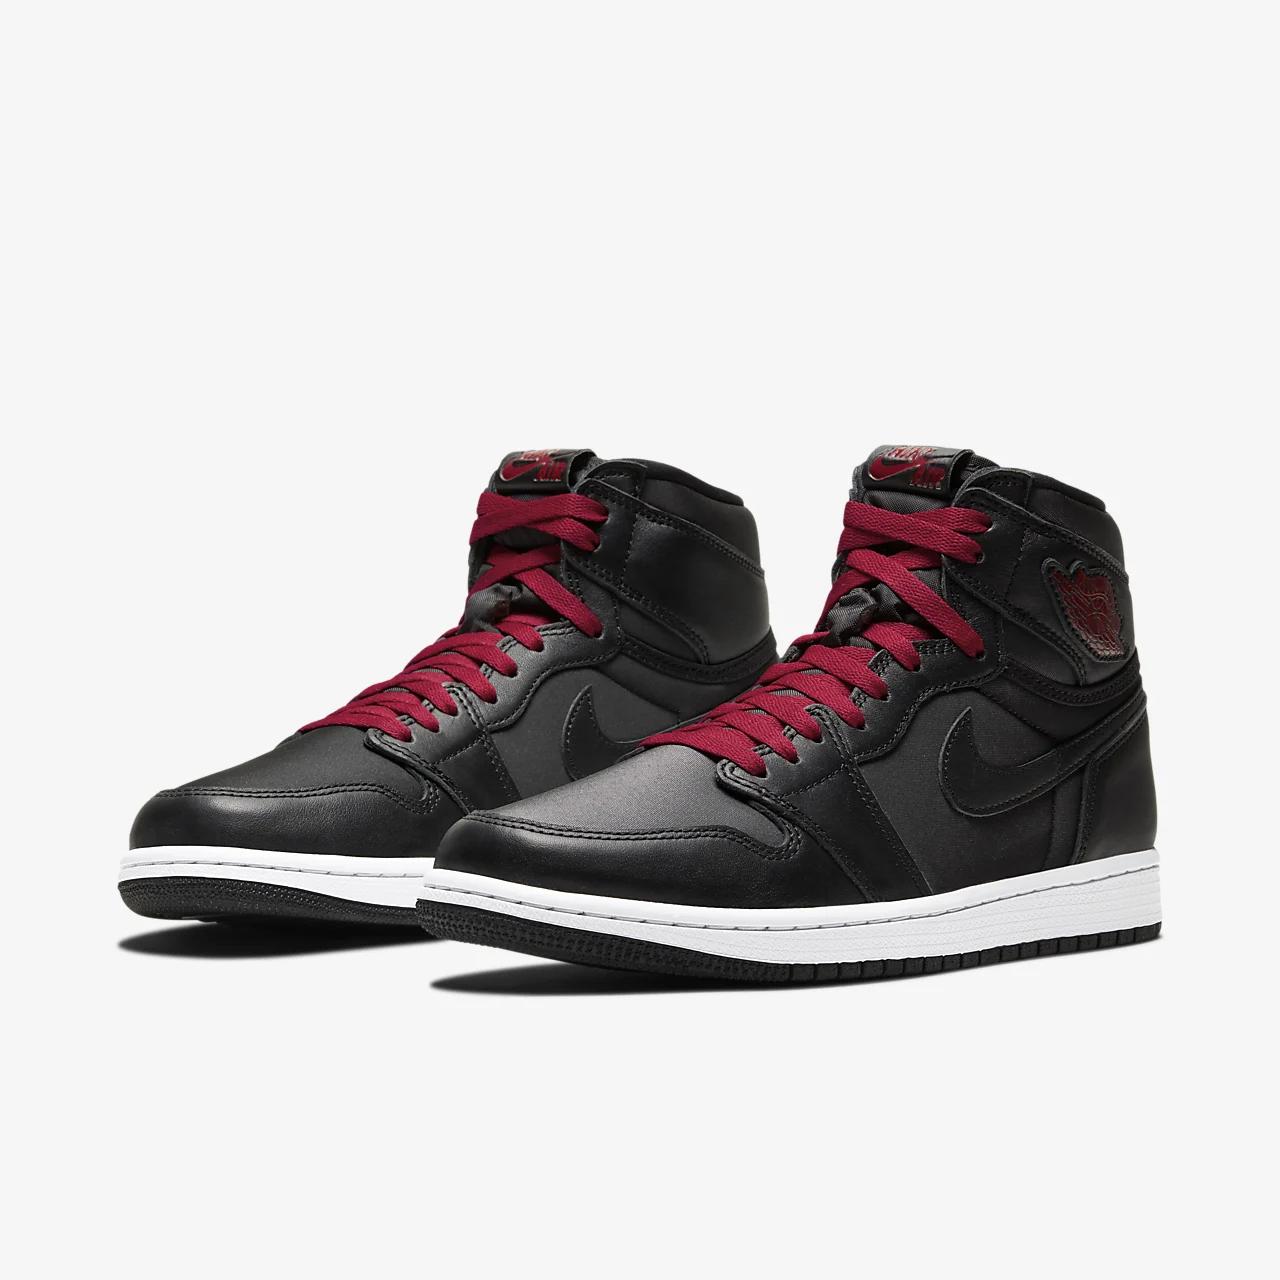 유럽직배송 나이키 NIKE Air Jordan 1 Retro High OG Shoe 555088-060